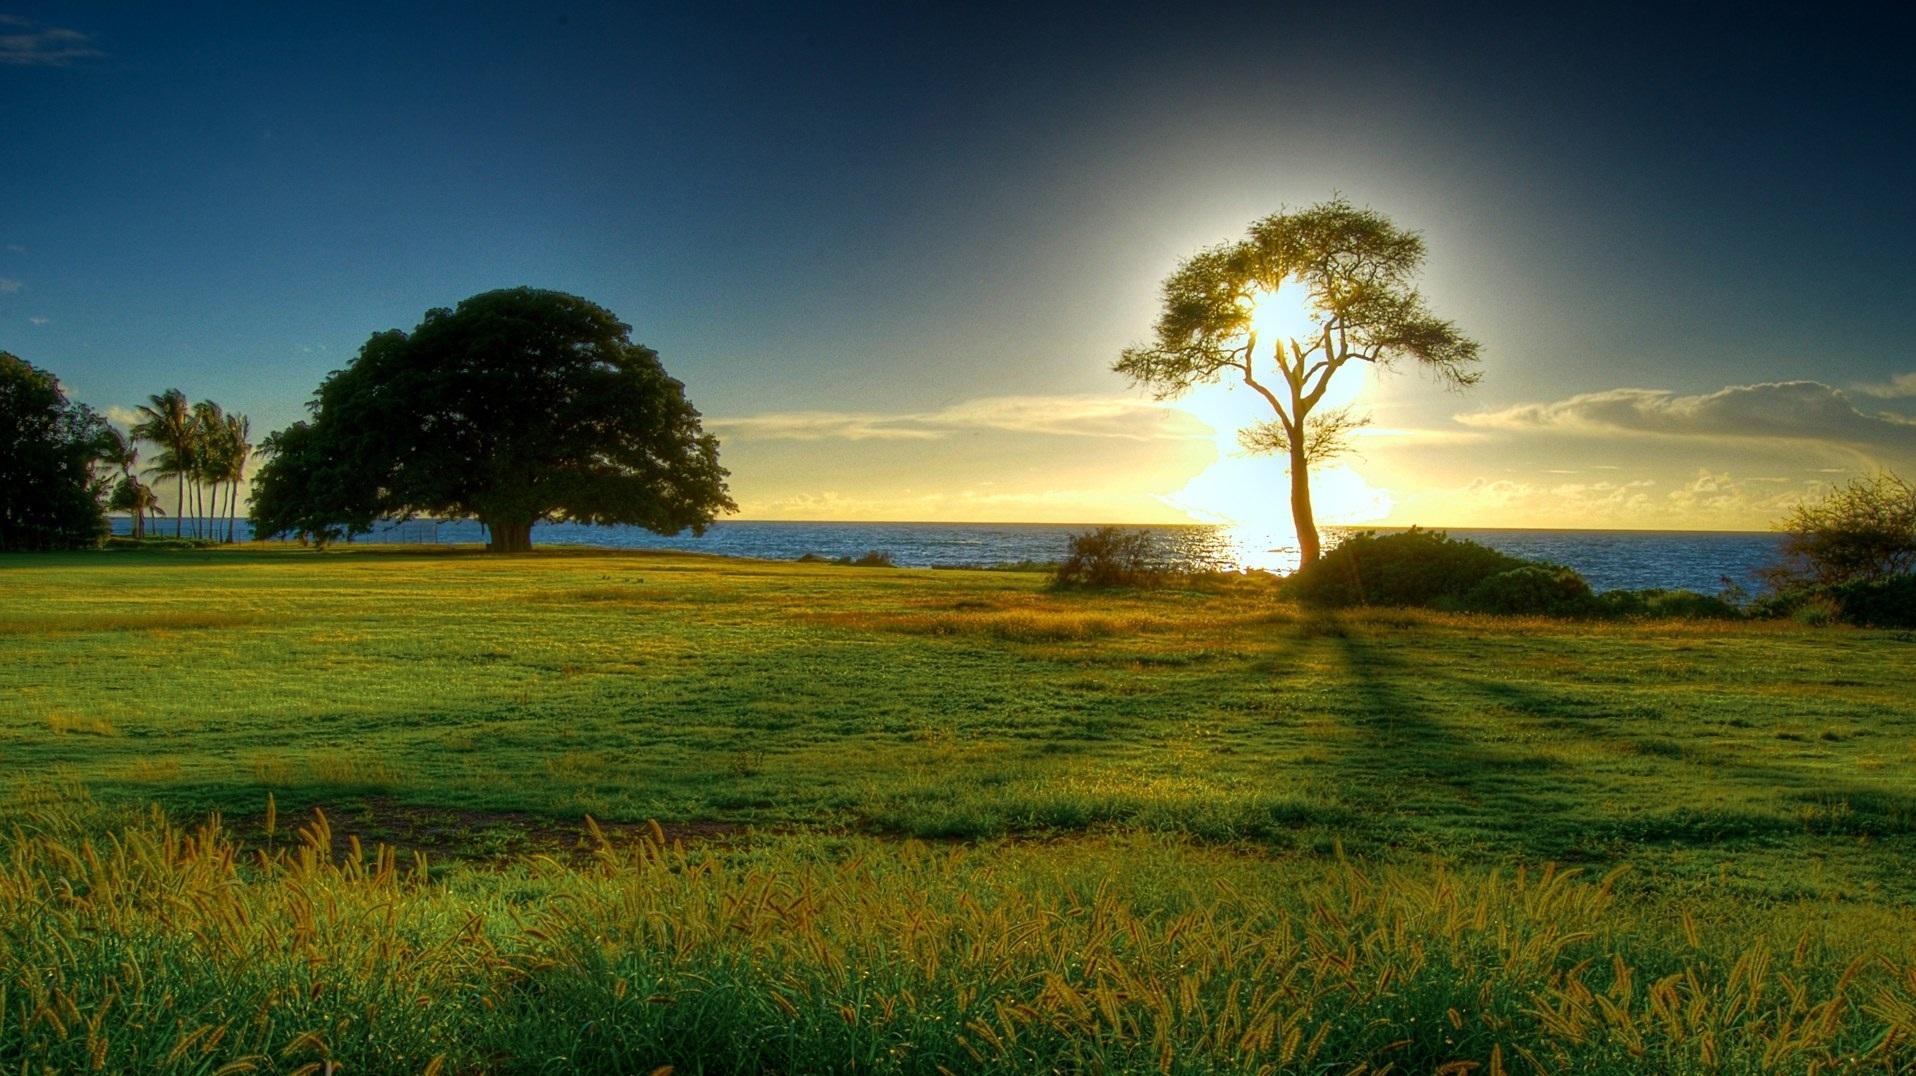 beautiful-nature-background-hd-HD-Nature-Beautiful-Nature-Free-Background-w-wallpaper-wpc5802668